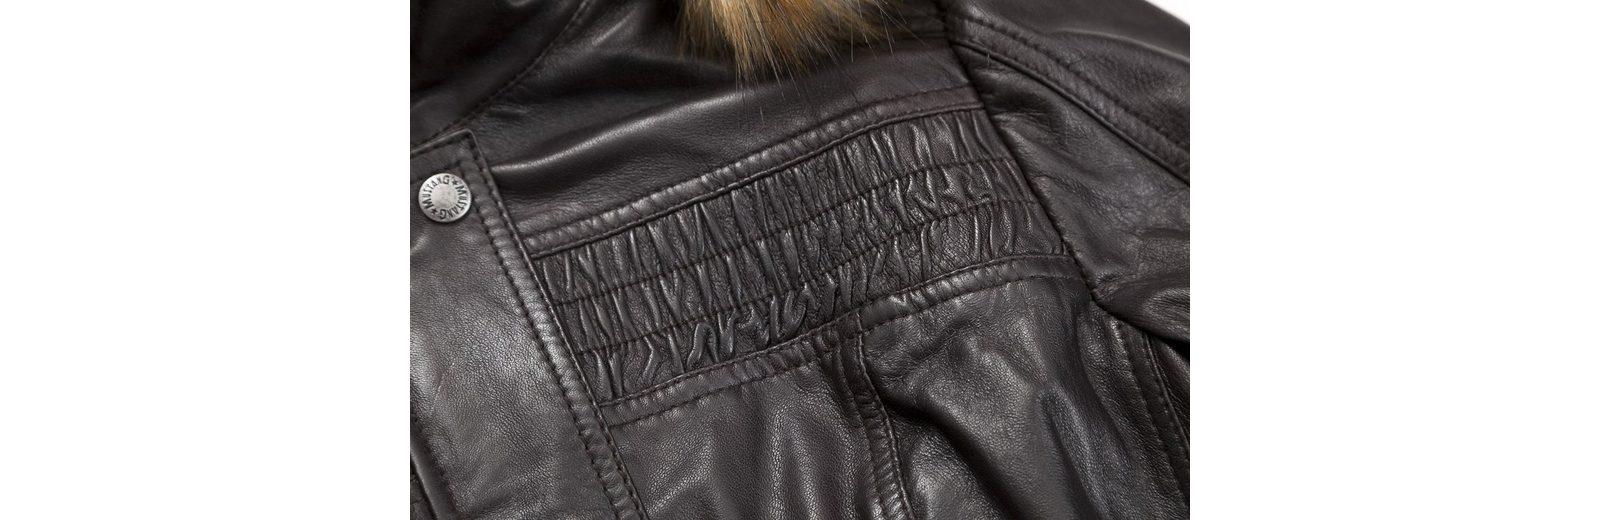 Auslass Empfehlen Mustang Lederjacke Lelu Offizieller Günstiger Preis dBX5h